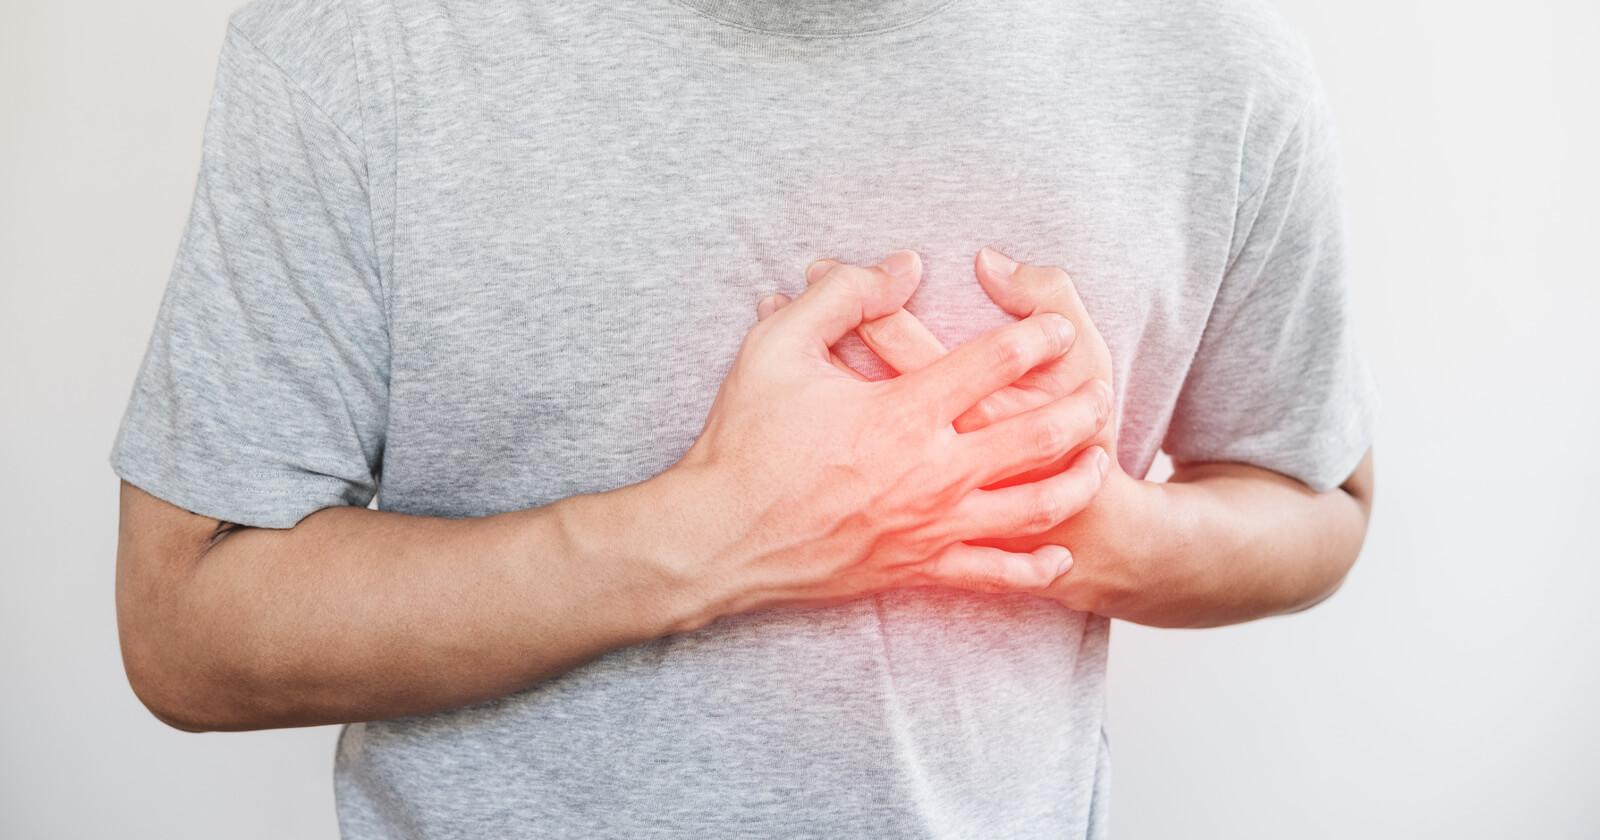 Roemheld Syndrom Herzbeschwerden durch Blähungen | kanyo®